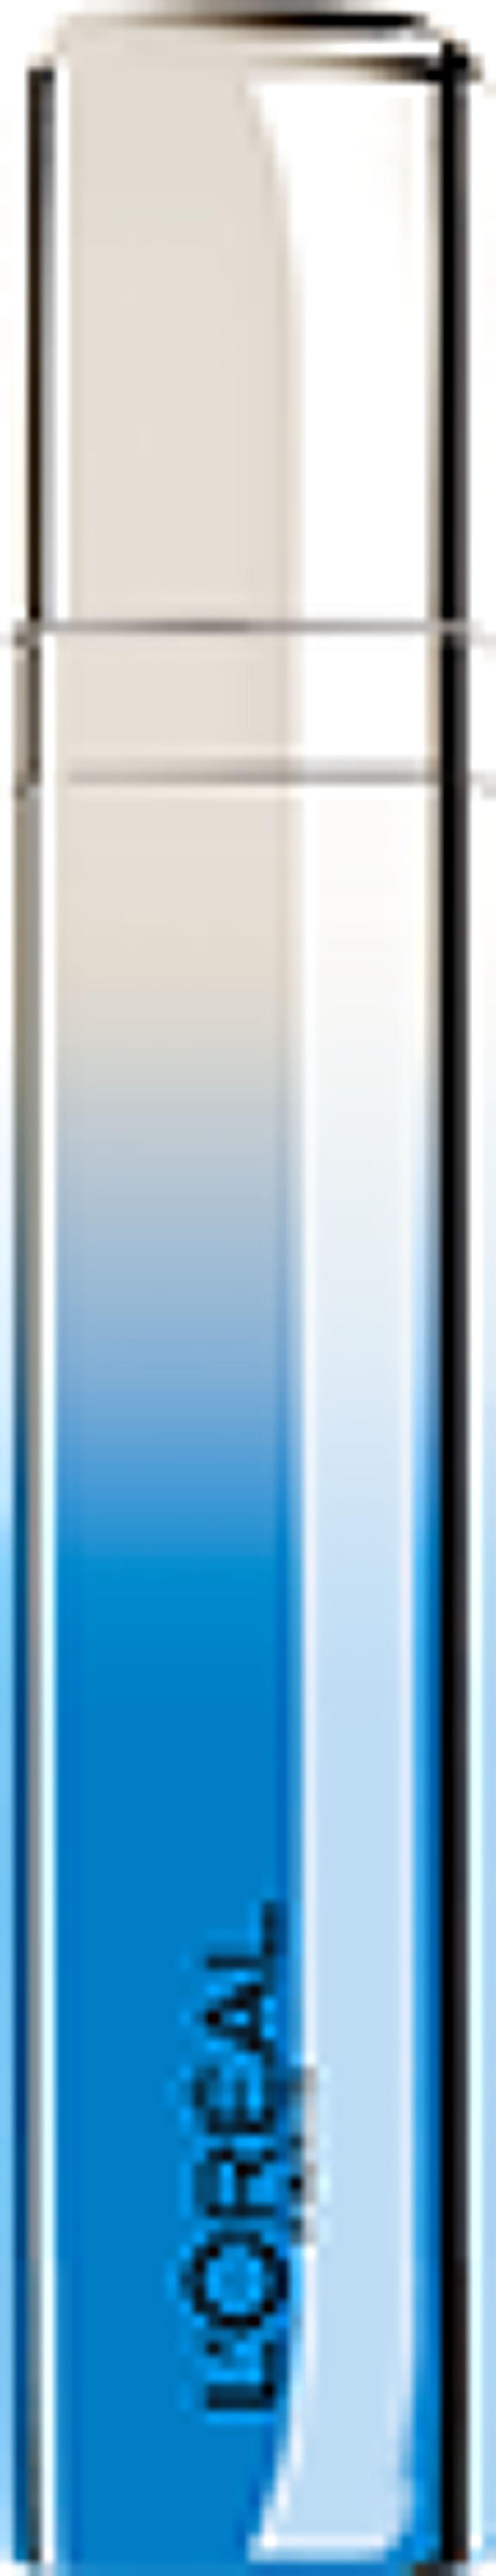 809 ブルー